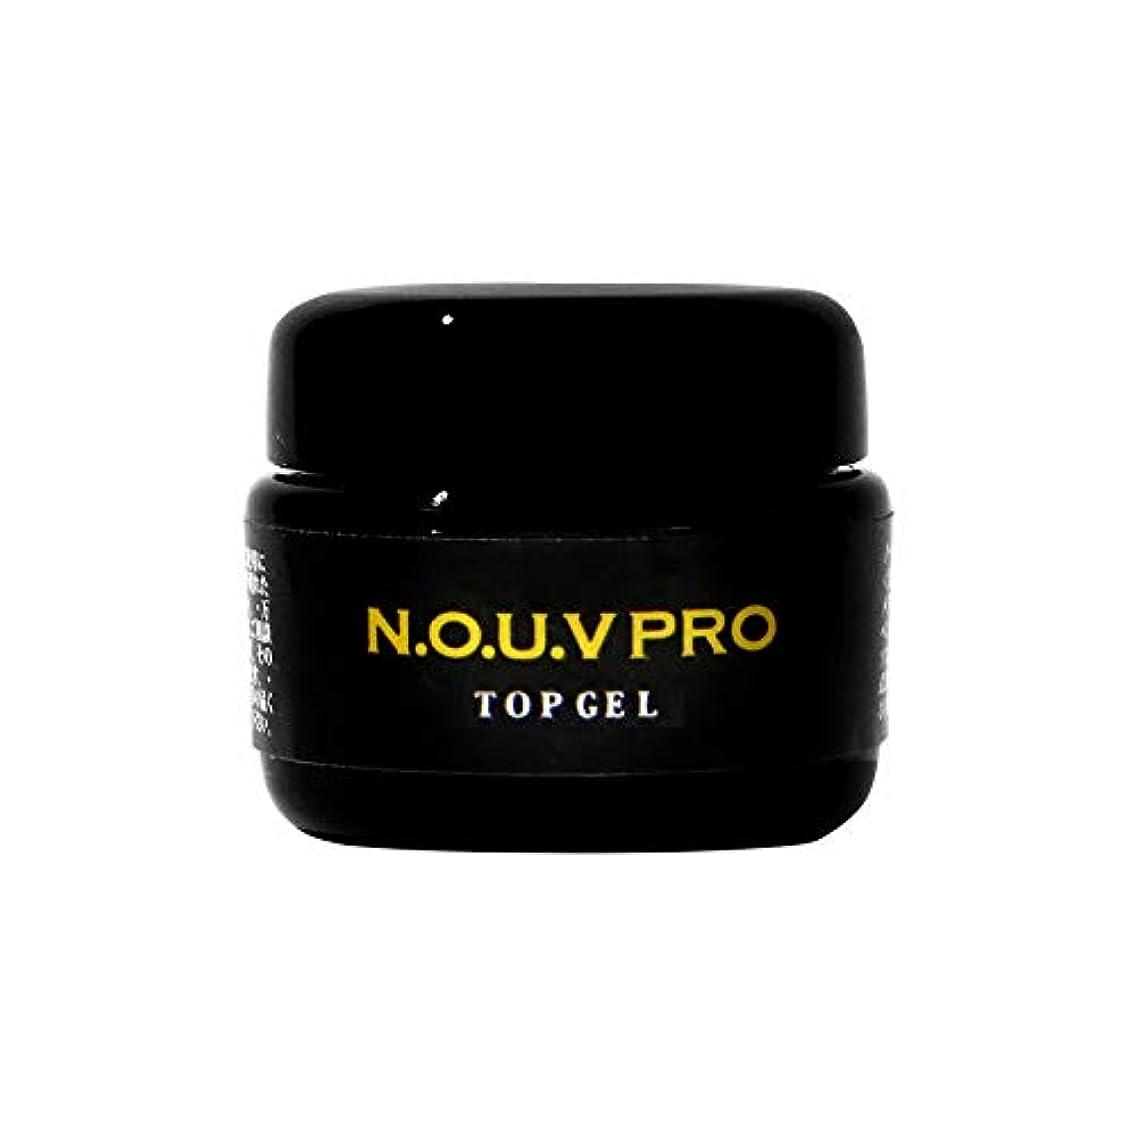 破裂脅威採用NOUV PRO トップジェル 10g